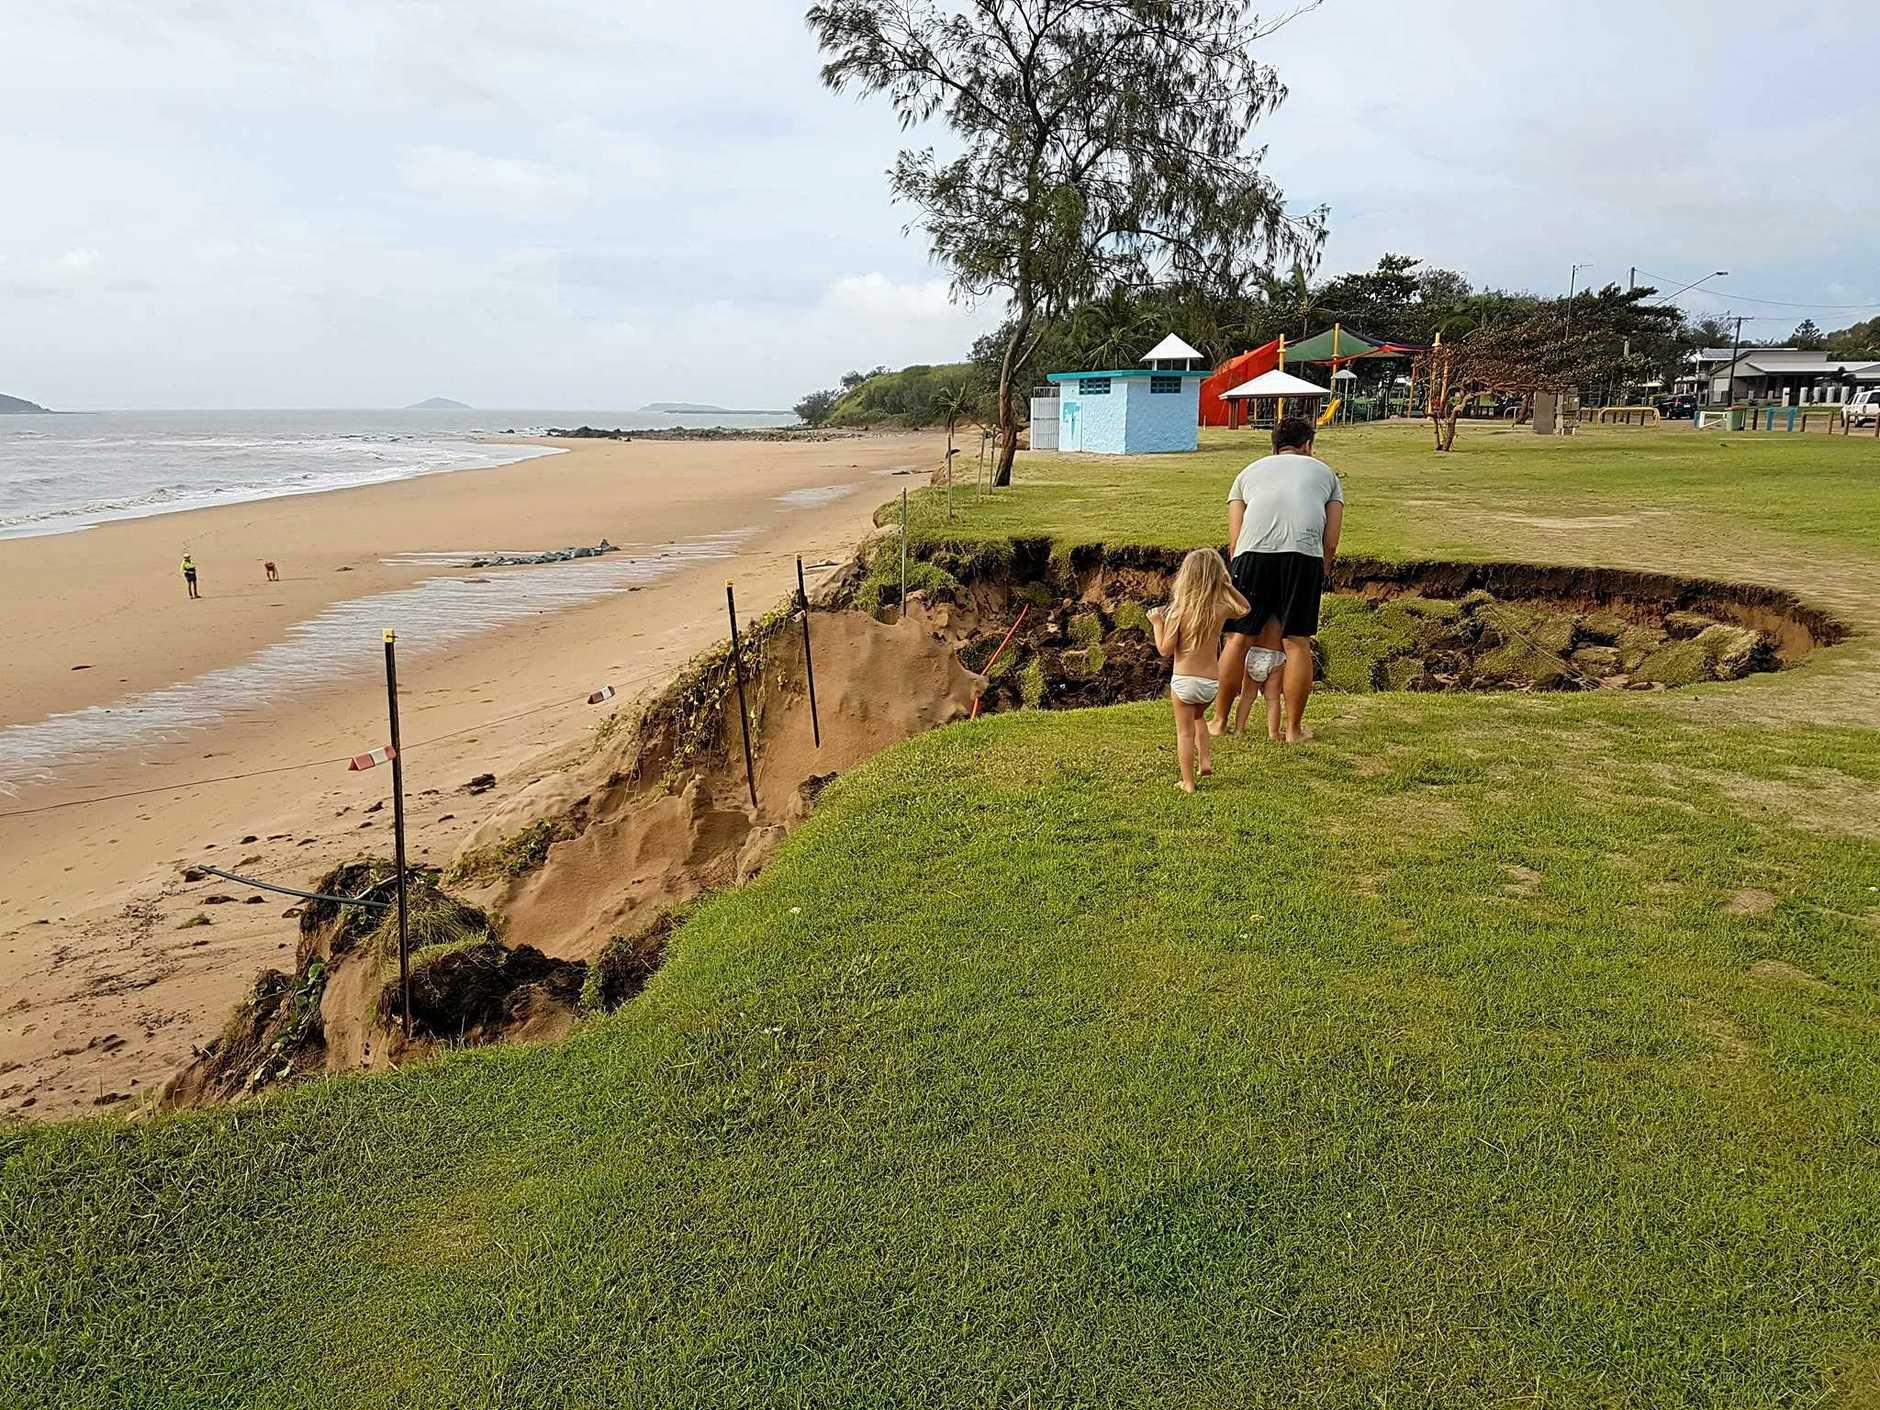 Erosion damage at Slade Point.